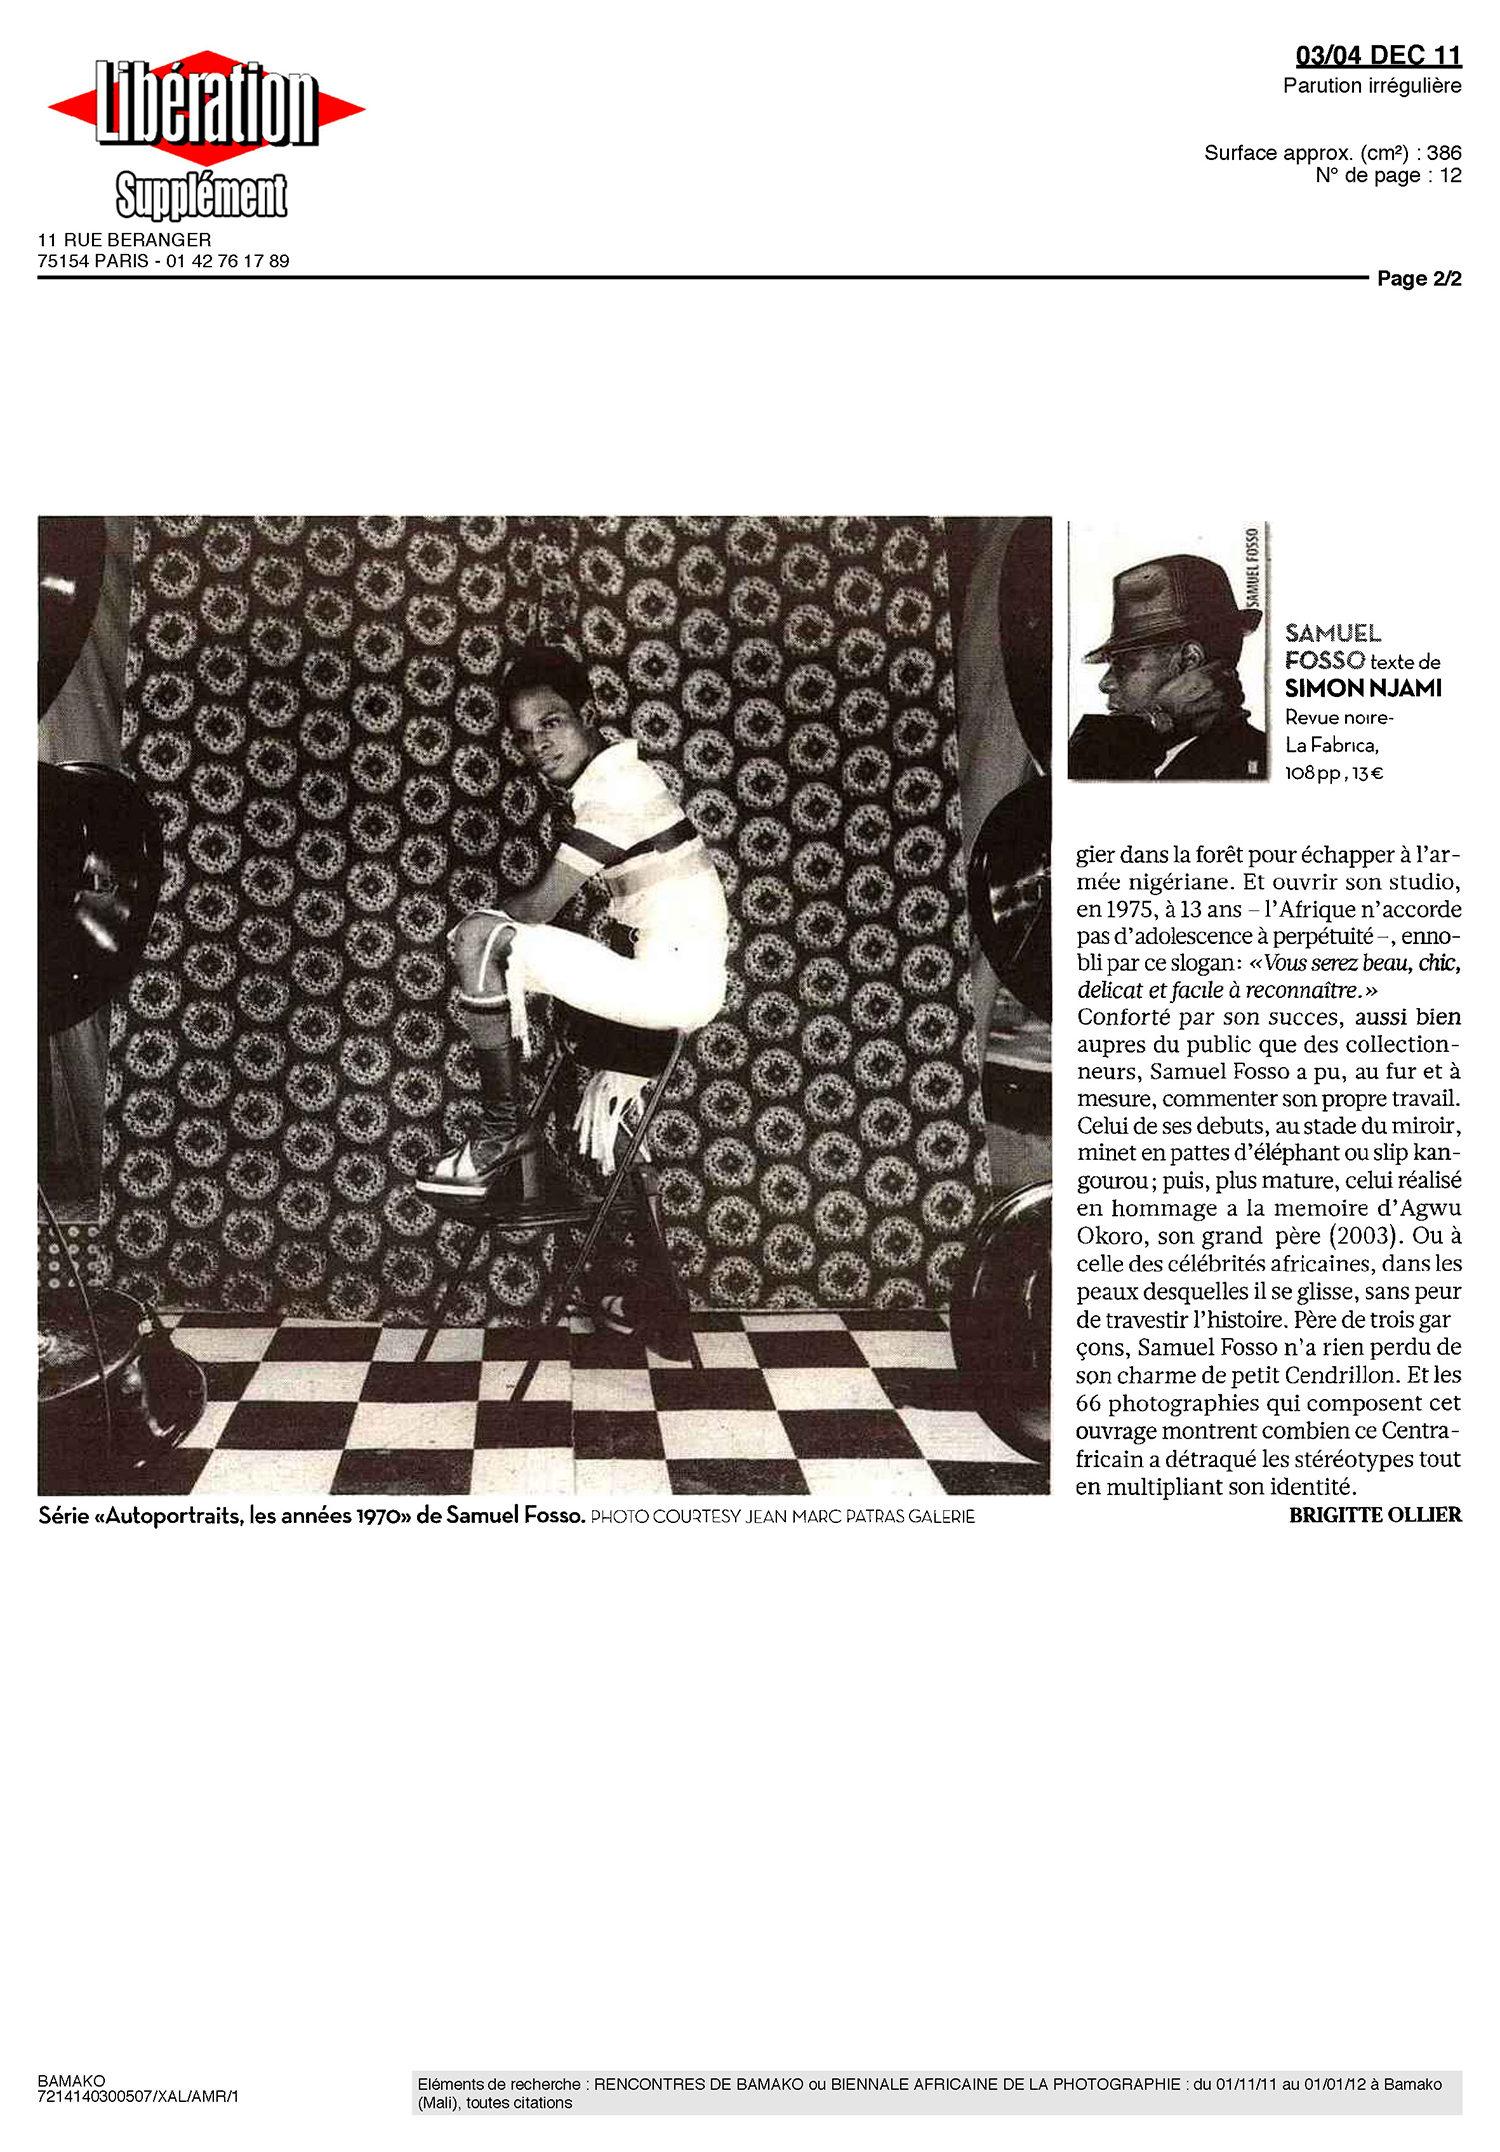 REVUE NOIRE revue de presse: Libération dec 2011 par Brigitte Ollier: Afro, dans la peau de Samuel Fosso, livre Revue Noire